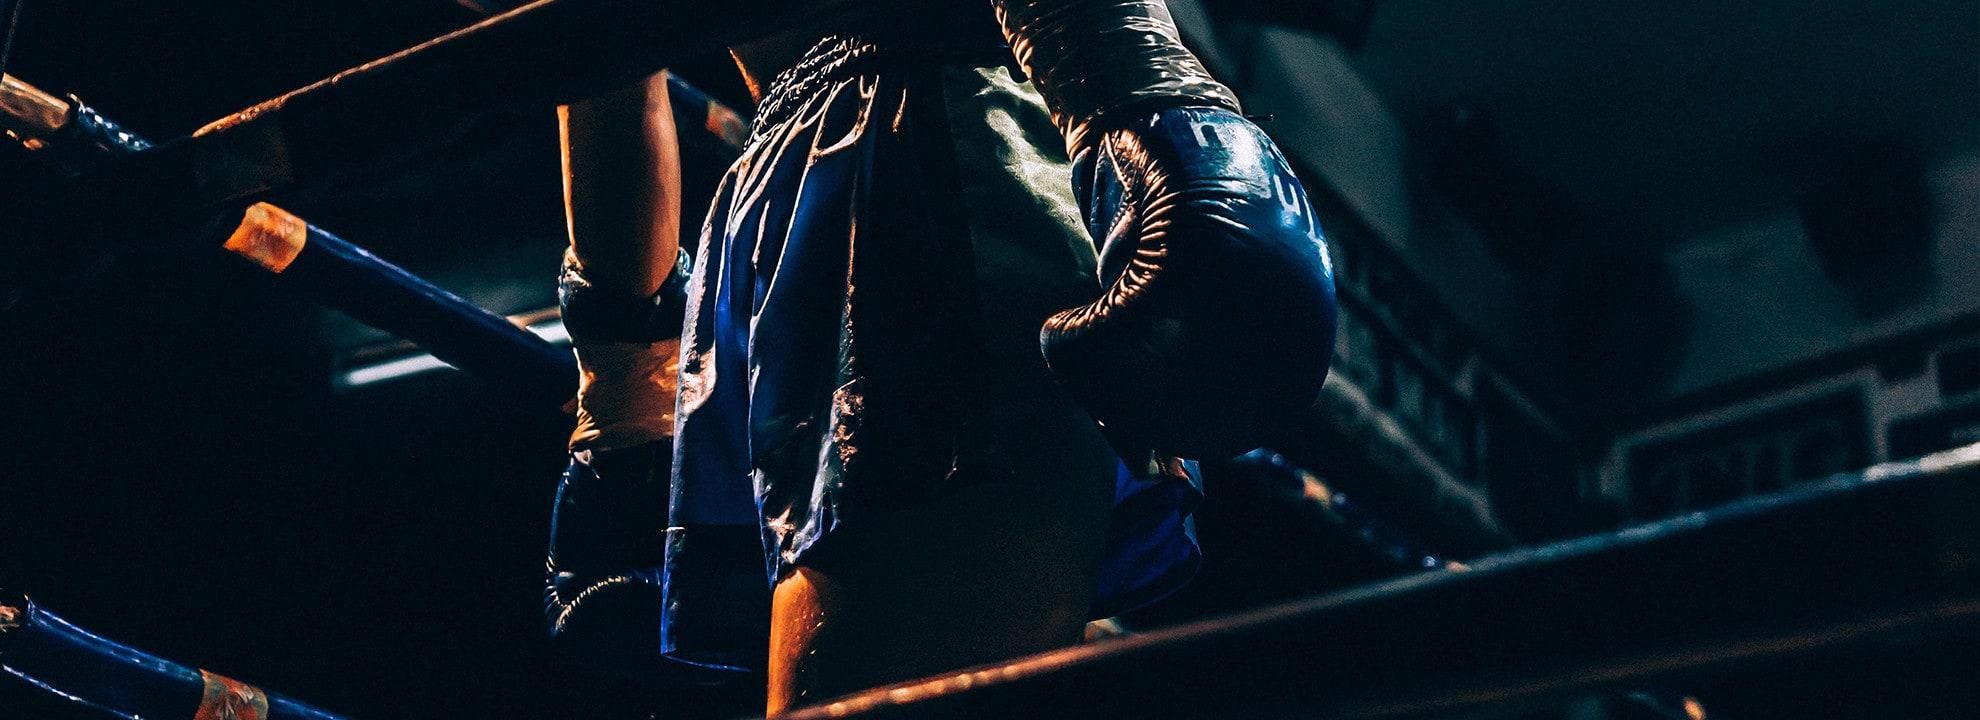 Bild eines Boxers im Ring